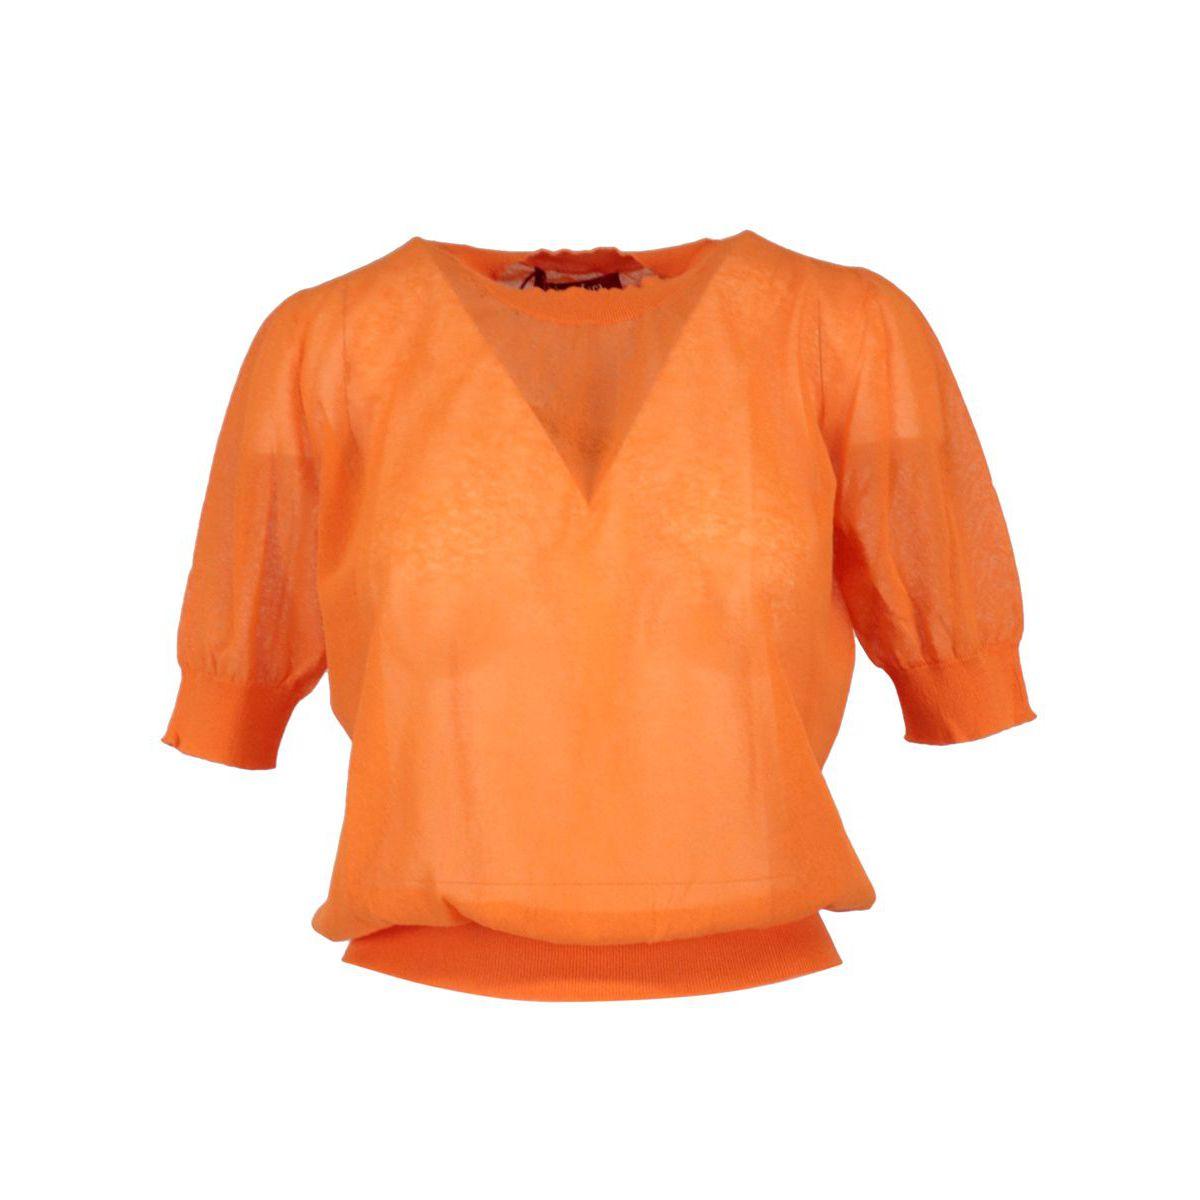 Arca cotton blend sweater with round neckline Orange MAX MARA STUDIO